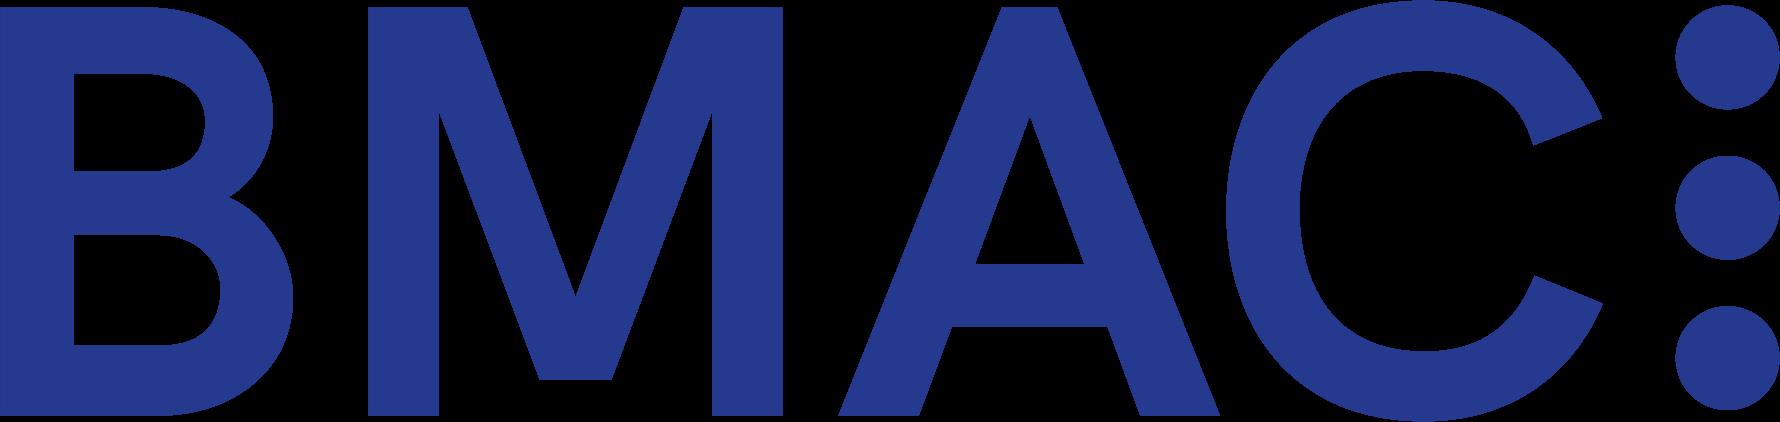 Blue Mountain Action Council (BMAC)